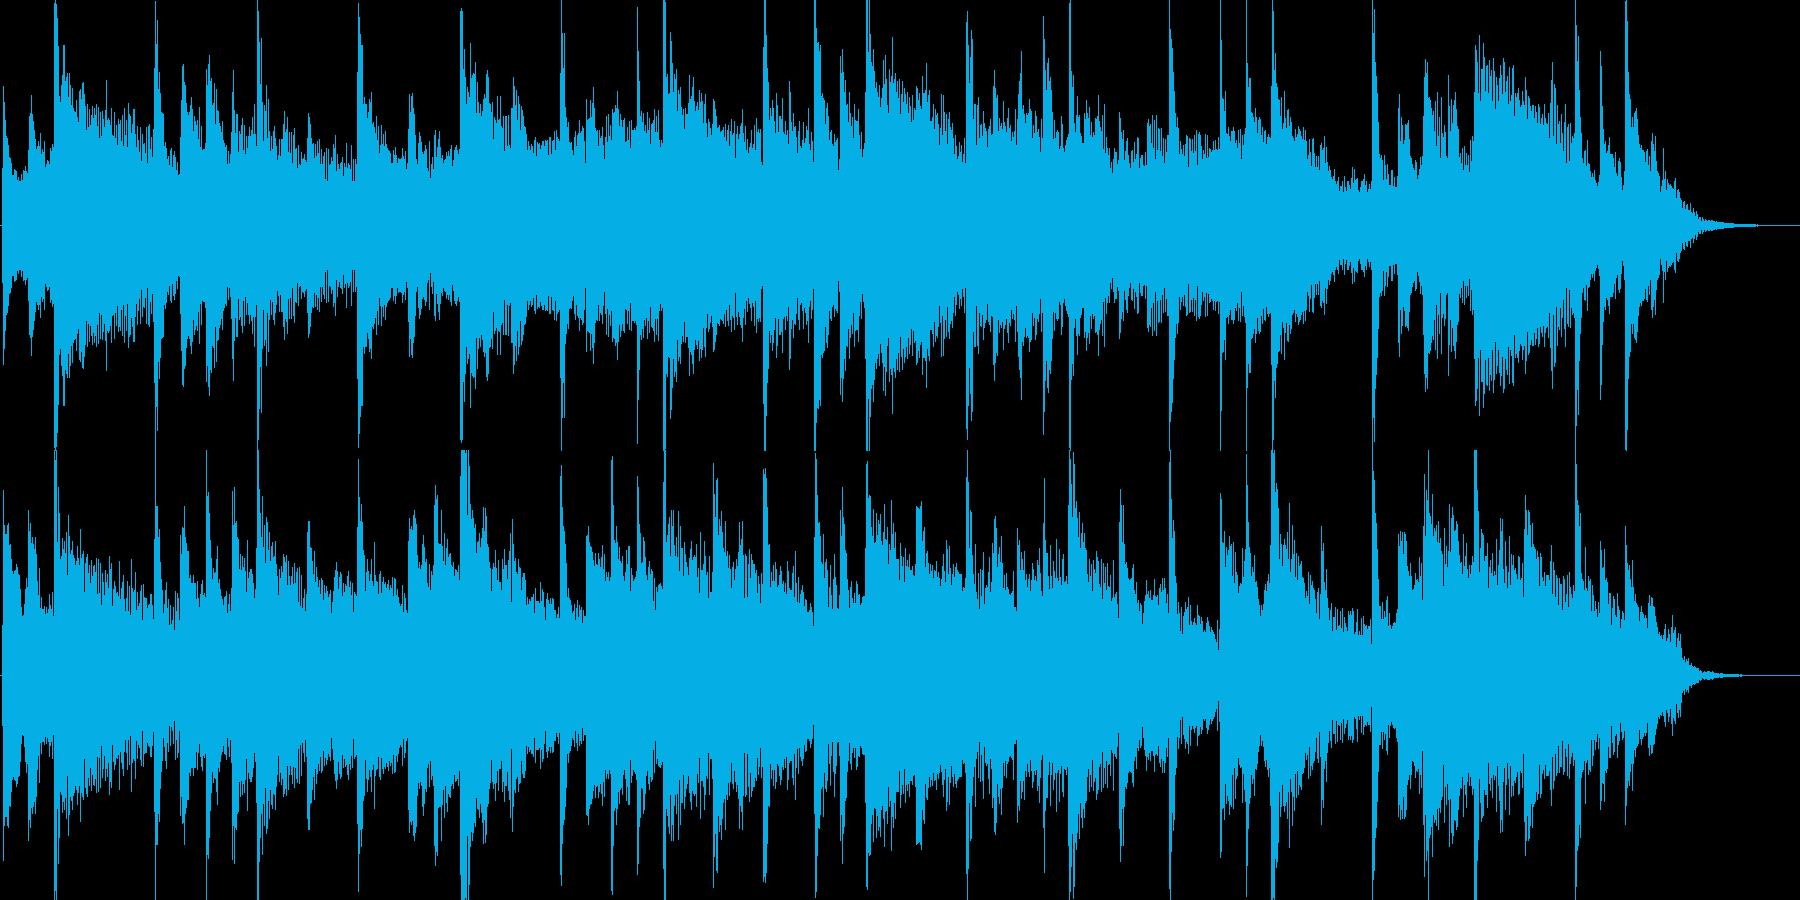 しっとりした雰囲気のバラードジングルの再生済みの波形